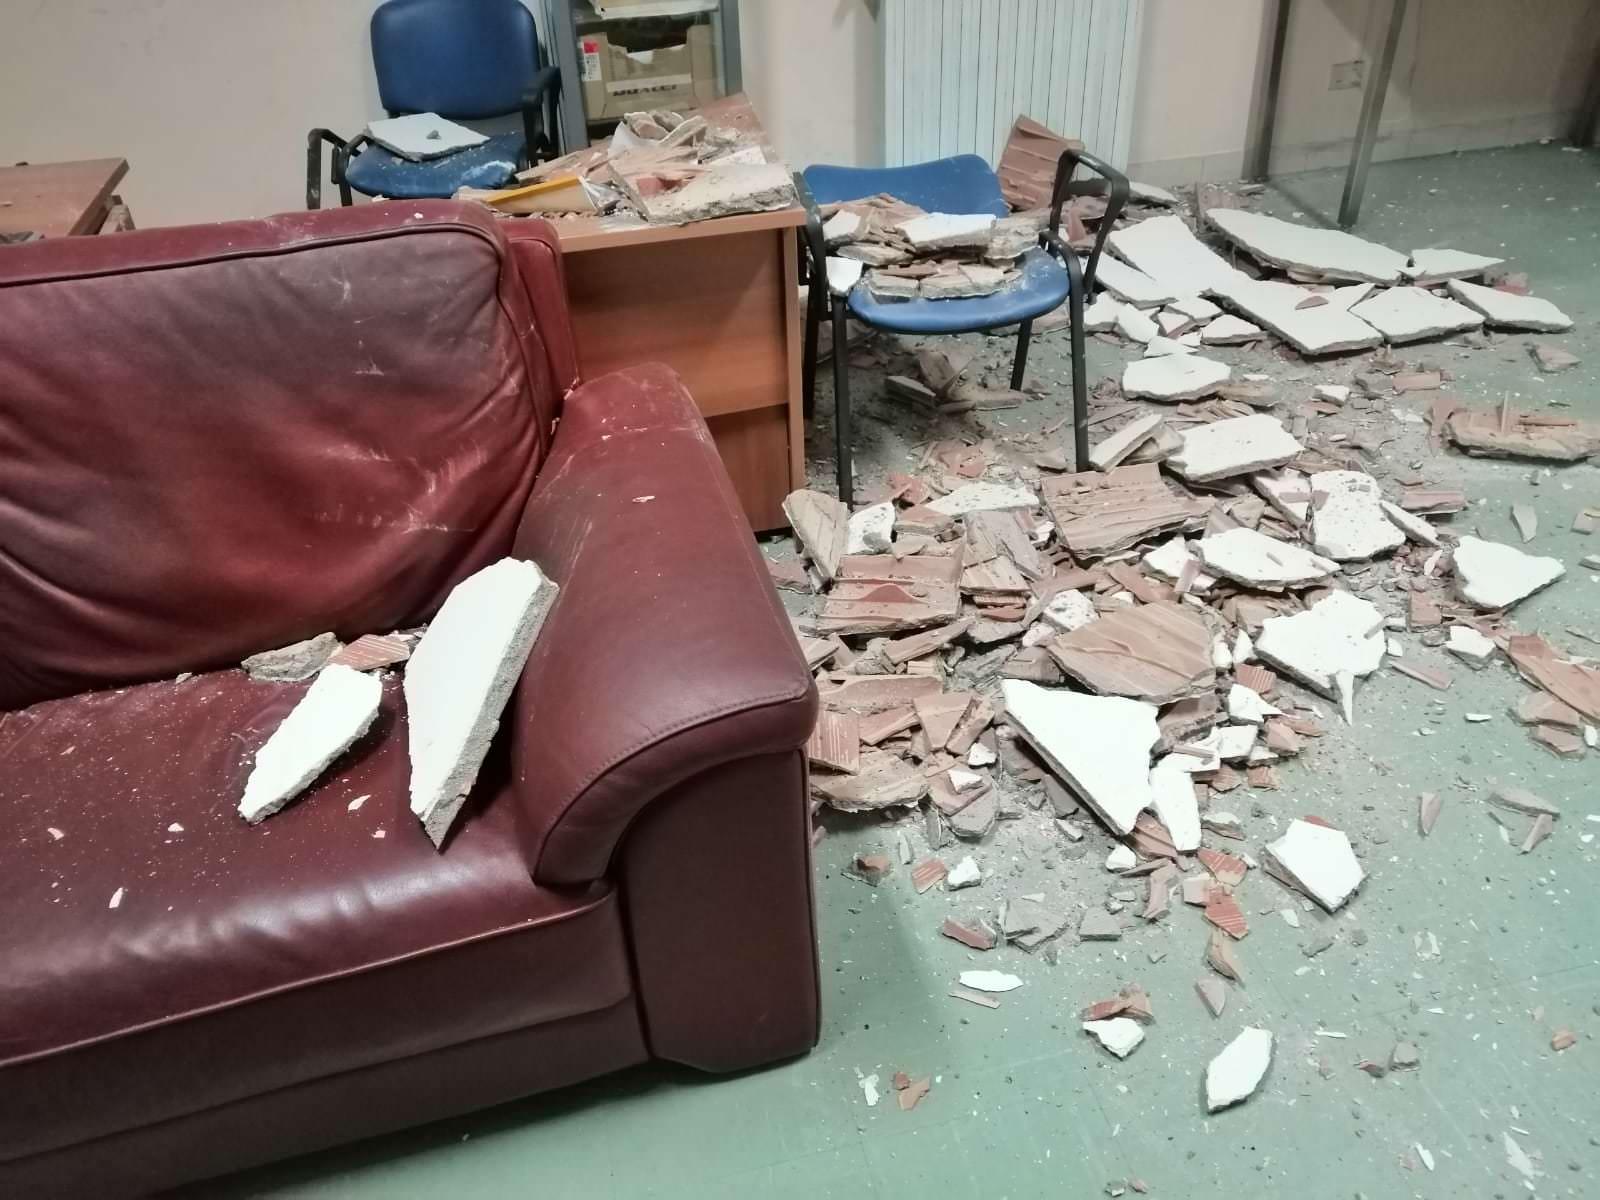 Mesoraca, crolla l'intonaco del soffitto nella stanza del 118 – FOTO